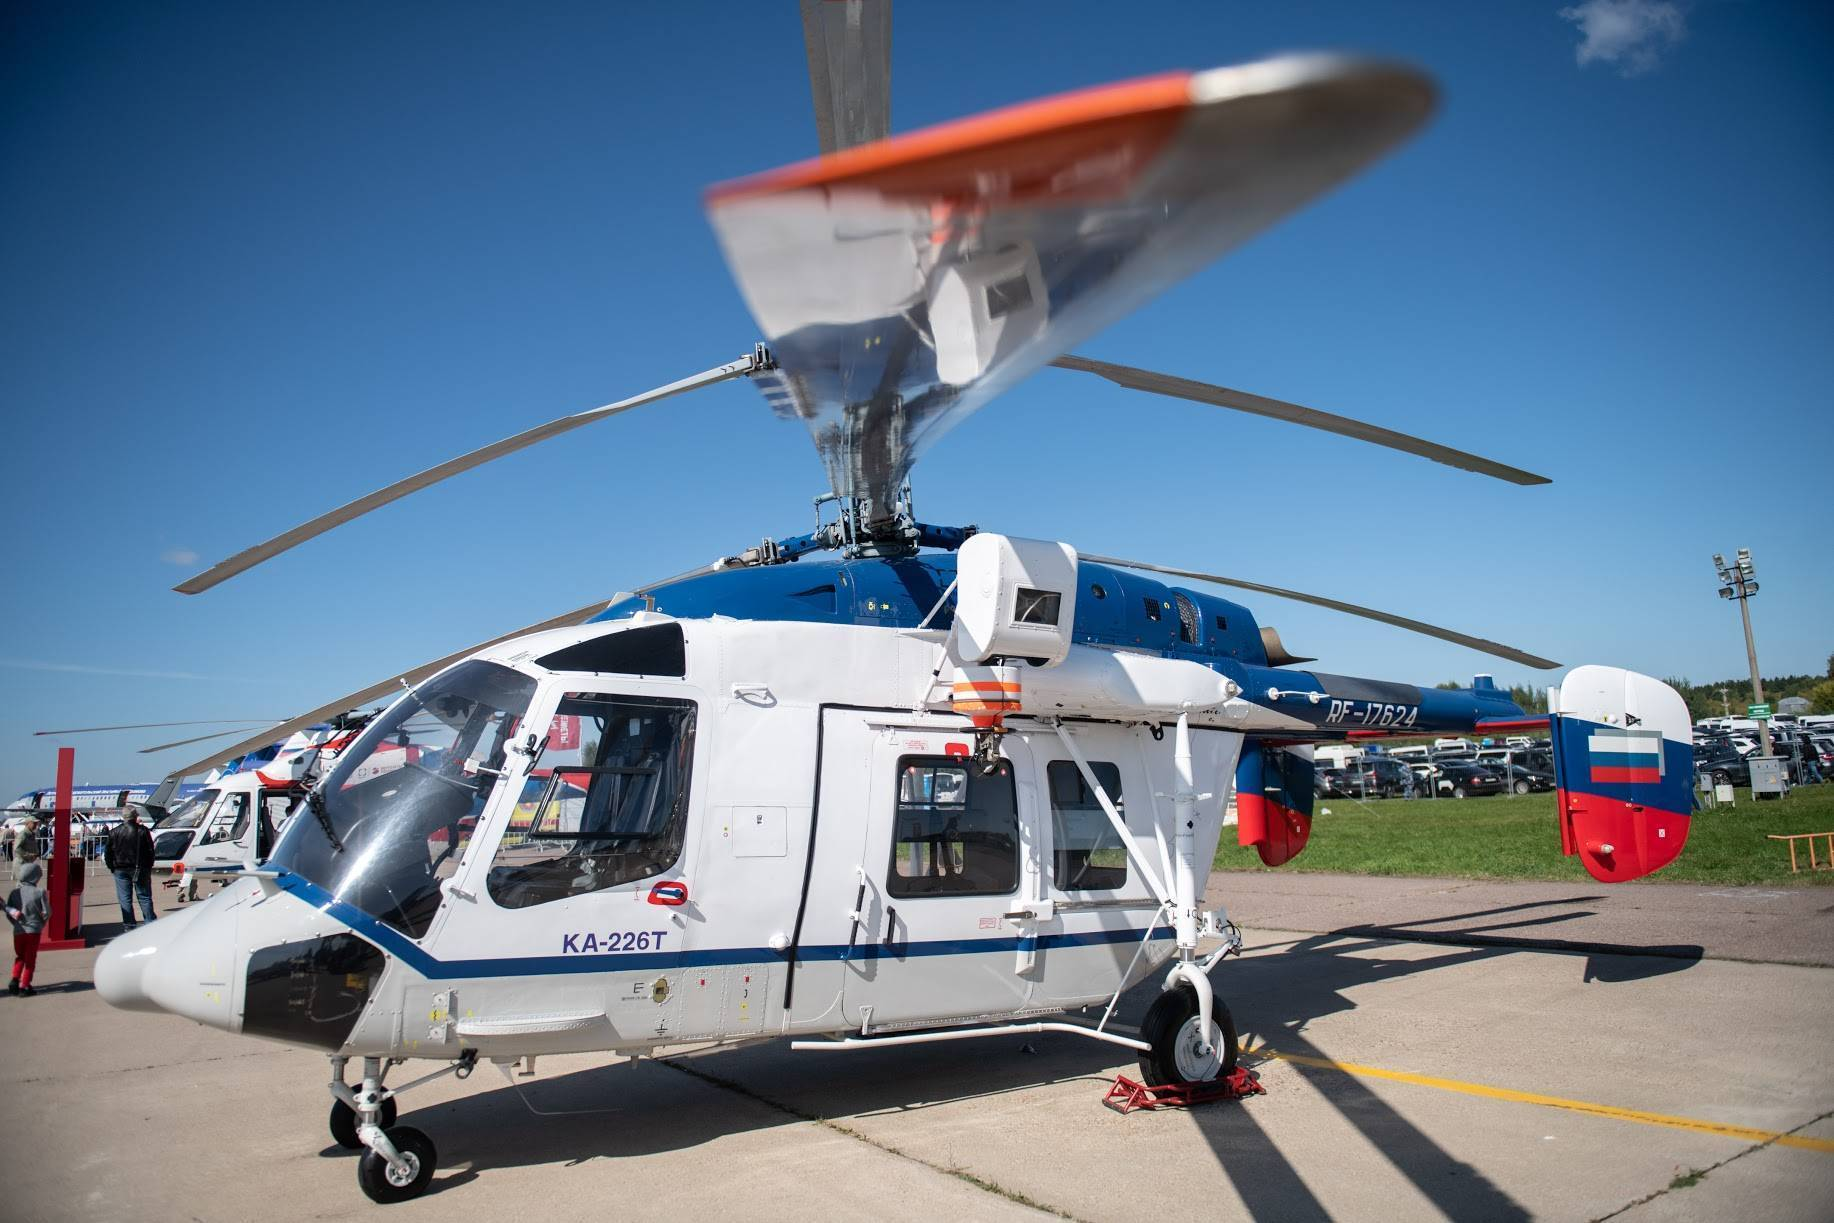 Вертолет ка-26 фото. видео. характеристики. скорость